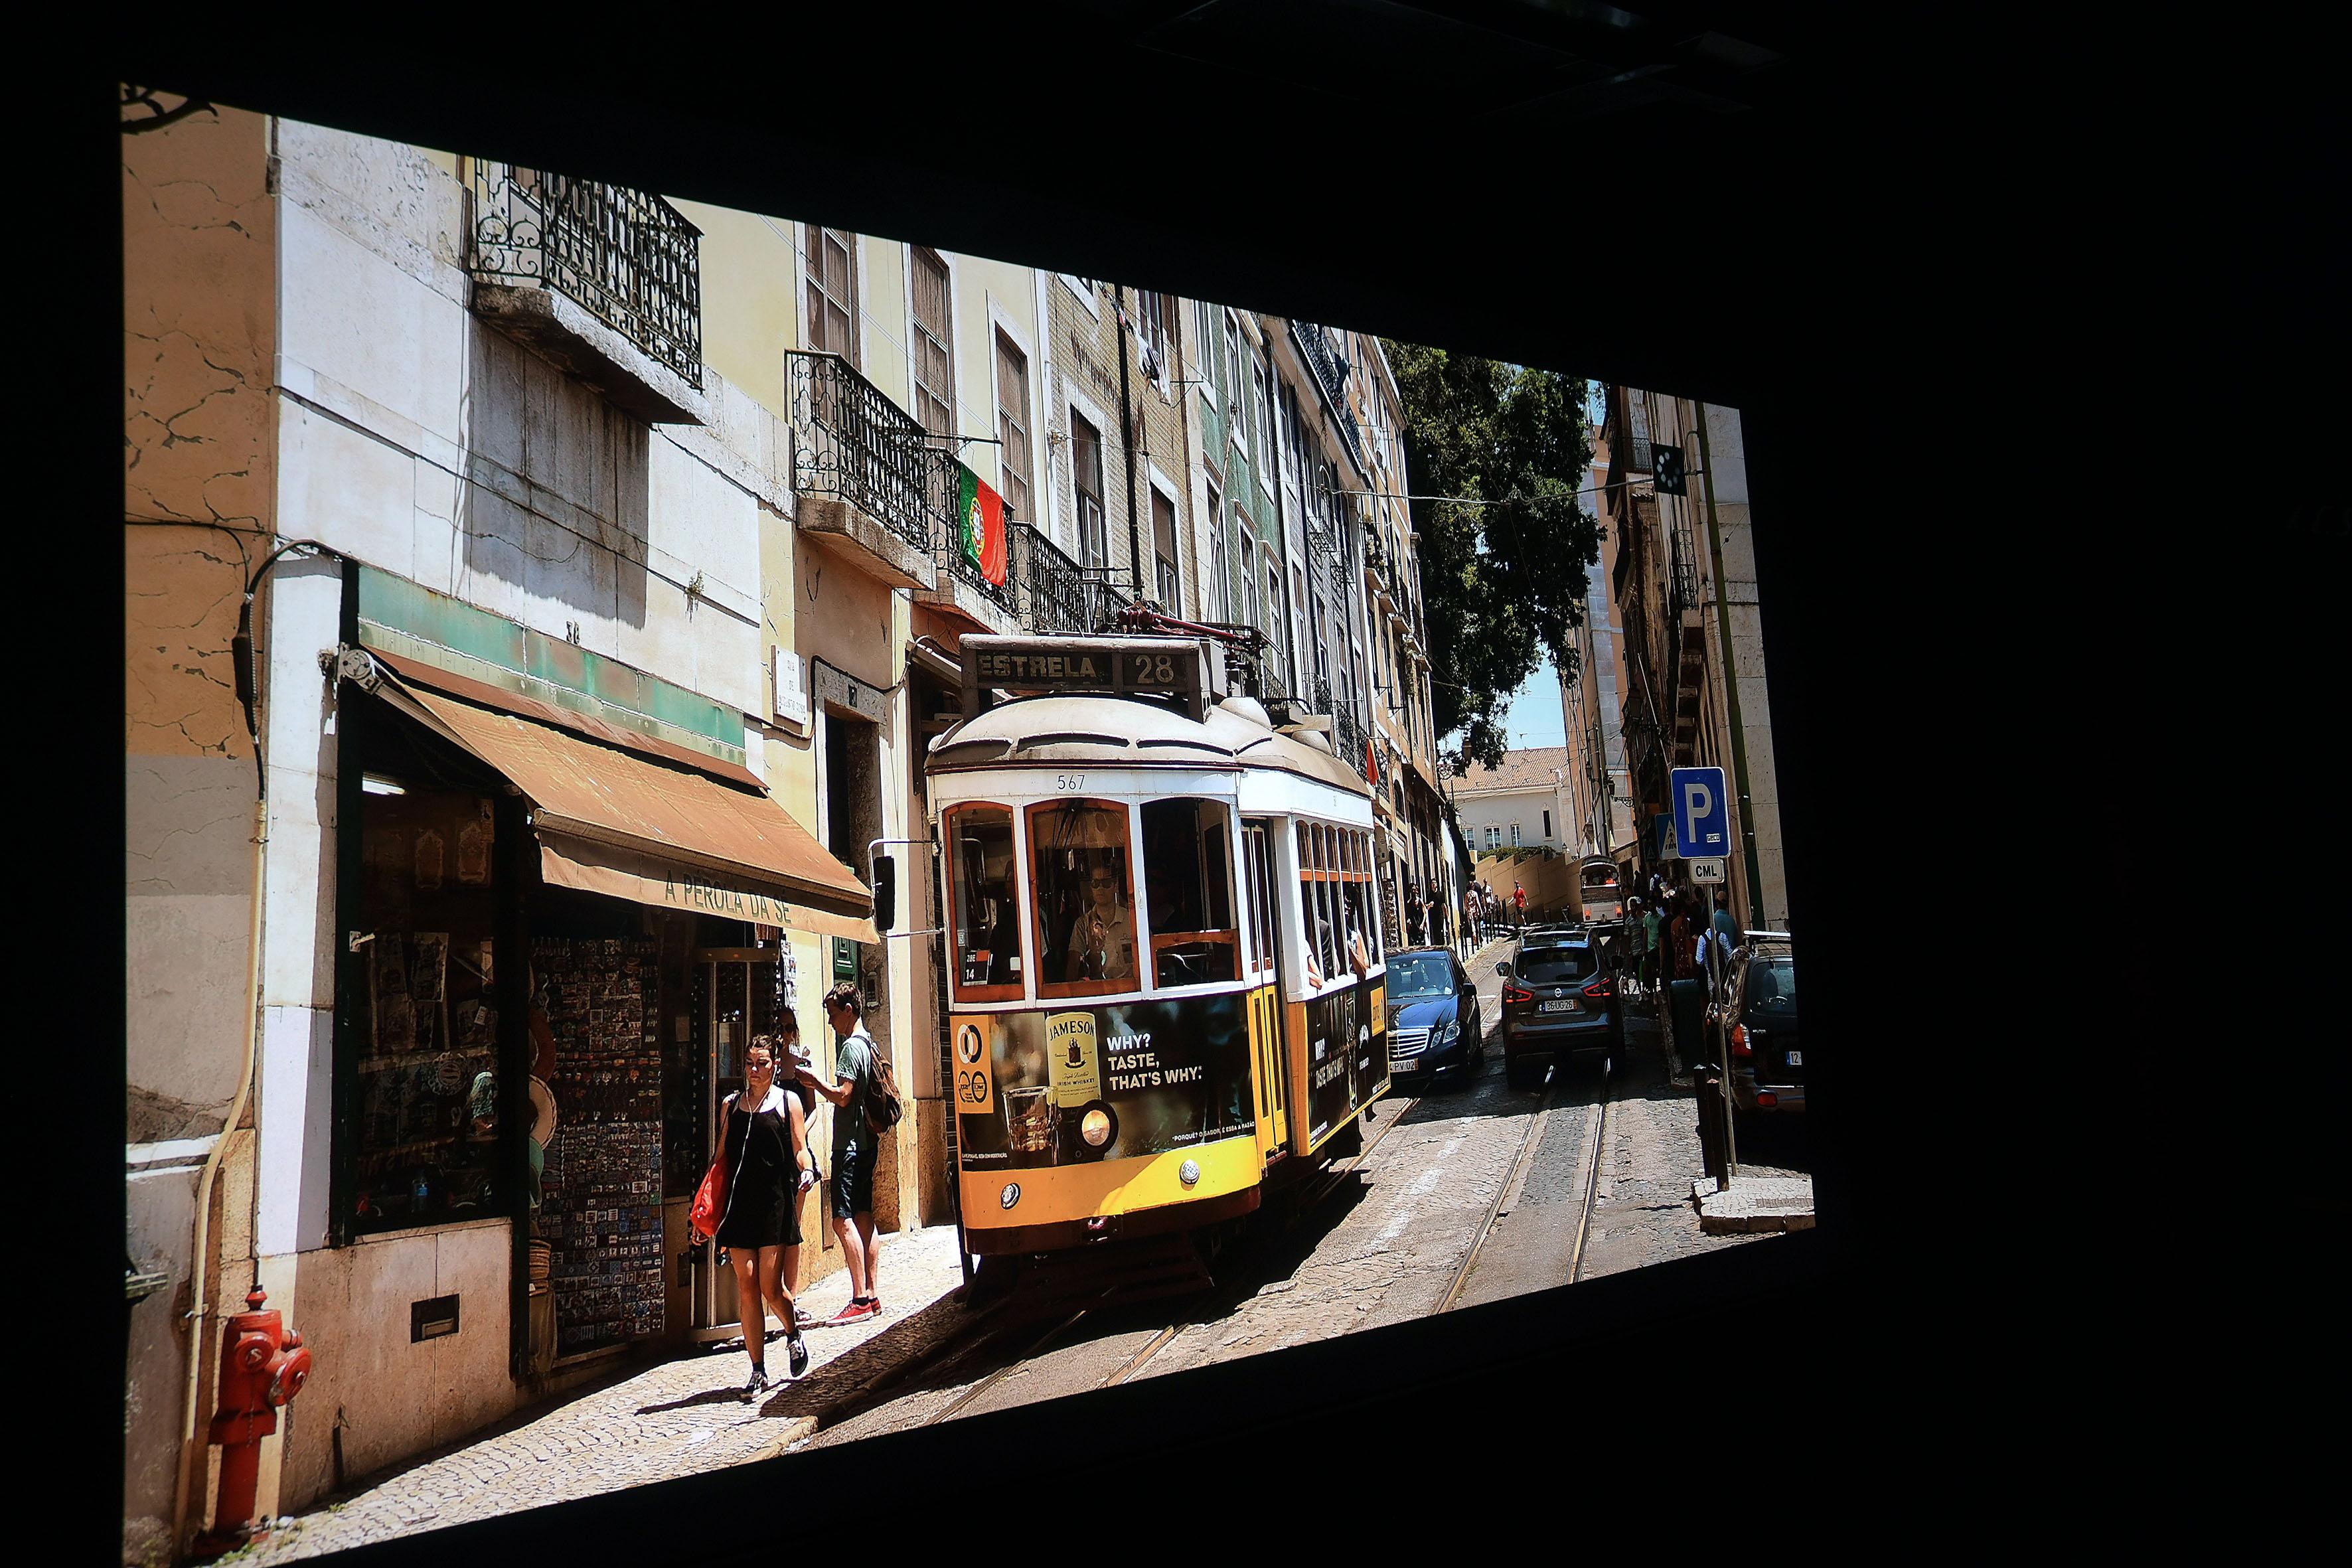 Foto: Michael B. Rehders Tolle Detailfülle. In den malerischen Straßen von Lissabon sind die sommerlichen Temperaturen fast fühlbar für den Betrachter. Der rote Hydrant, die gelbe Straßenbahn und perfekt durchgezeichnete Schatten stellen den Optoma vor keinerlei Herausforderungen. Er macht alles richtig.